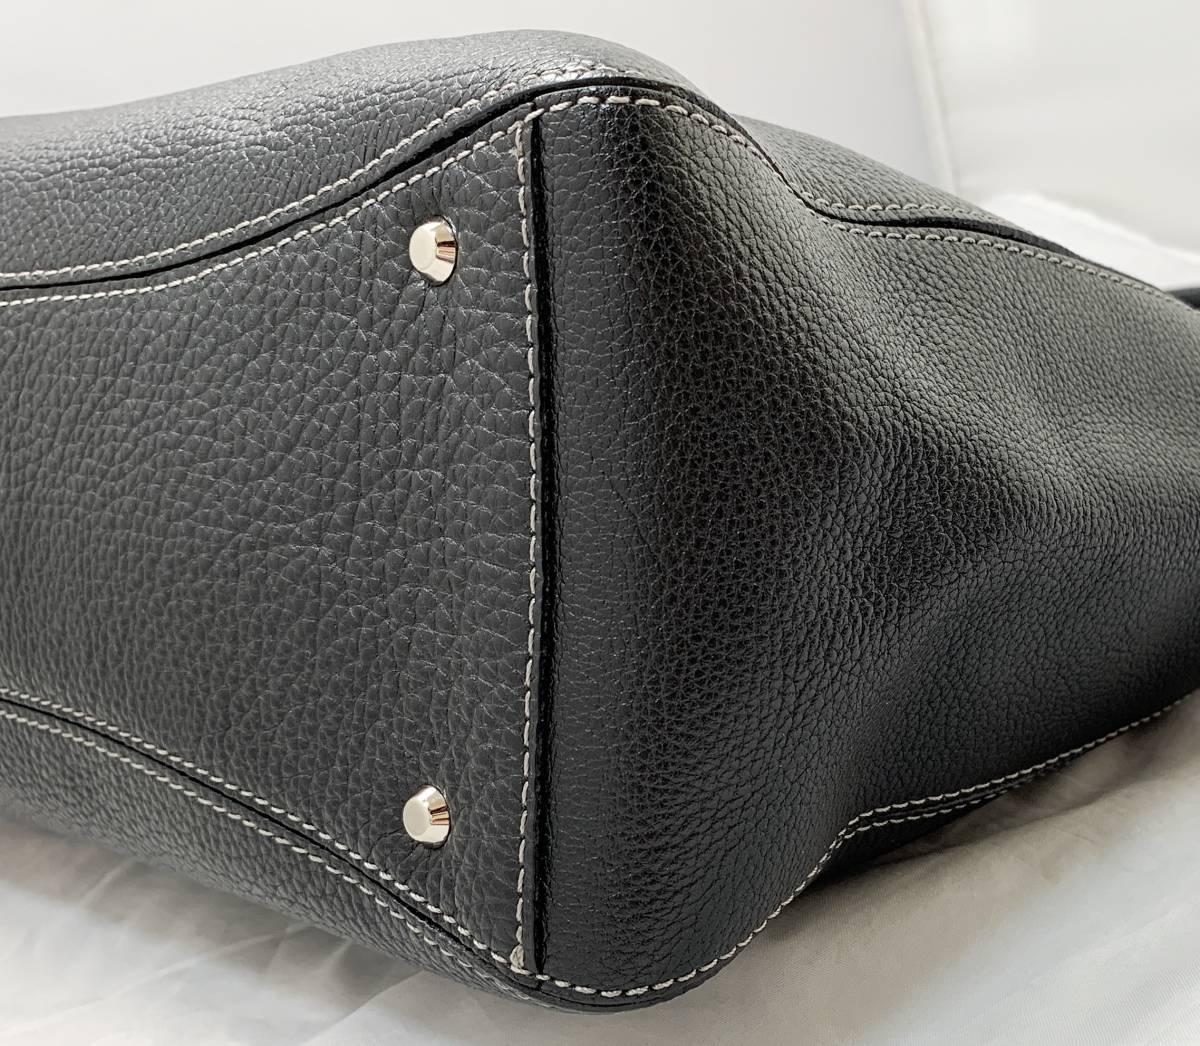 超美品 定価6万↑★ 土屋鞄 ノワイエット エイブルトート バッグ 鞄 ブラック 黒 ハンドバッグ ショルダーバッグ フォーマルにも◎ _画像5